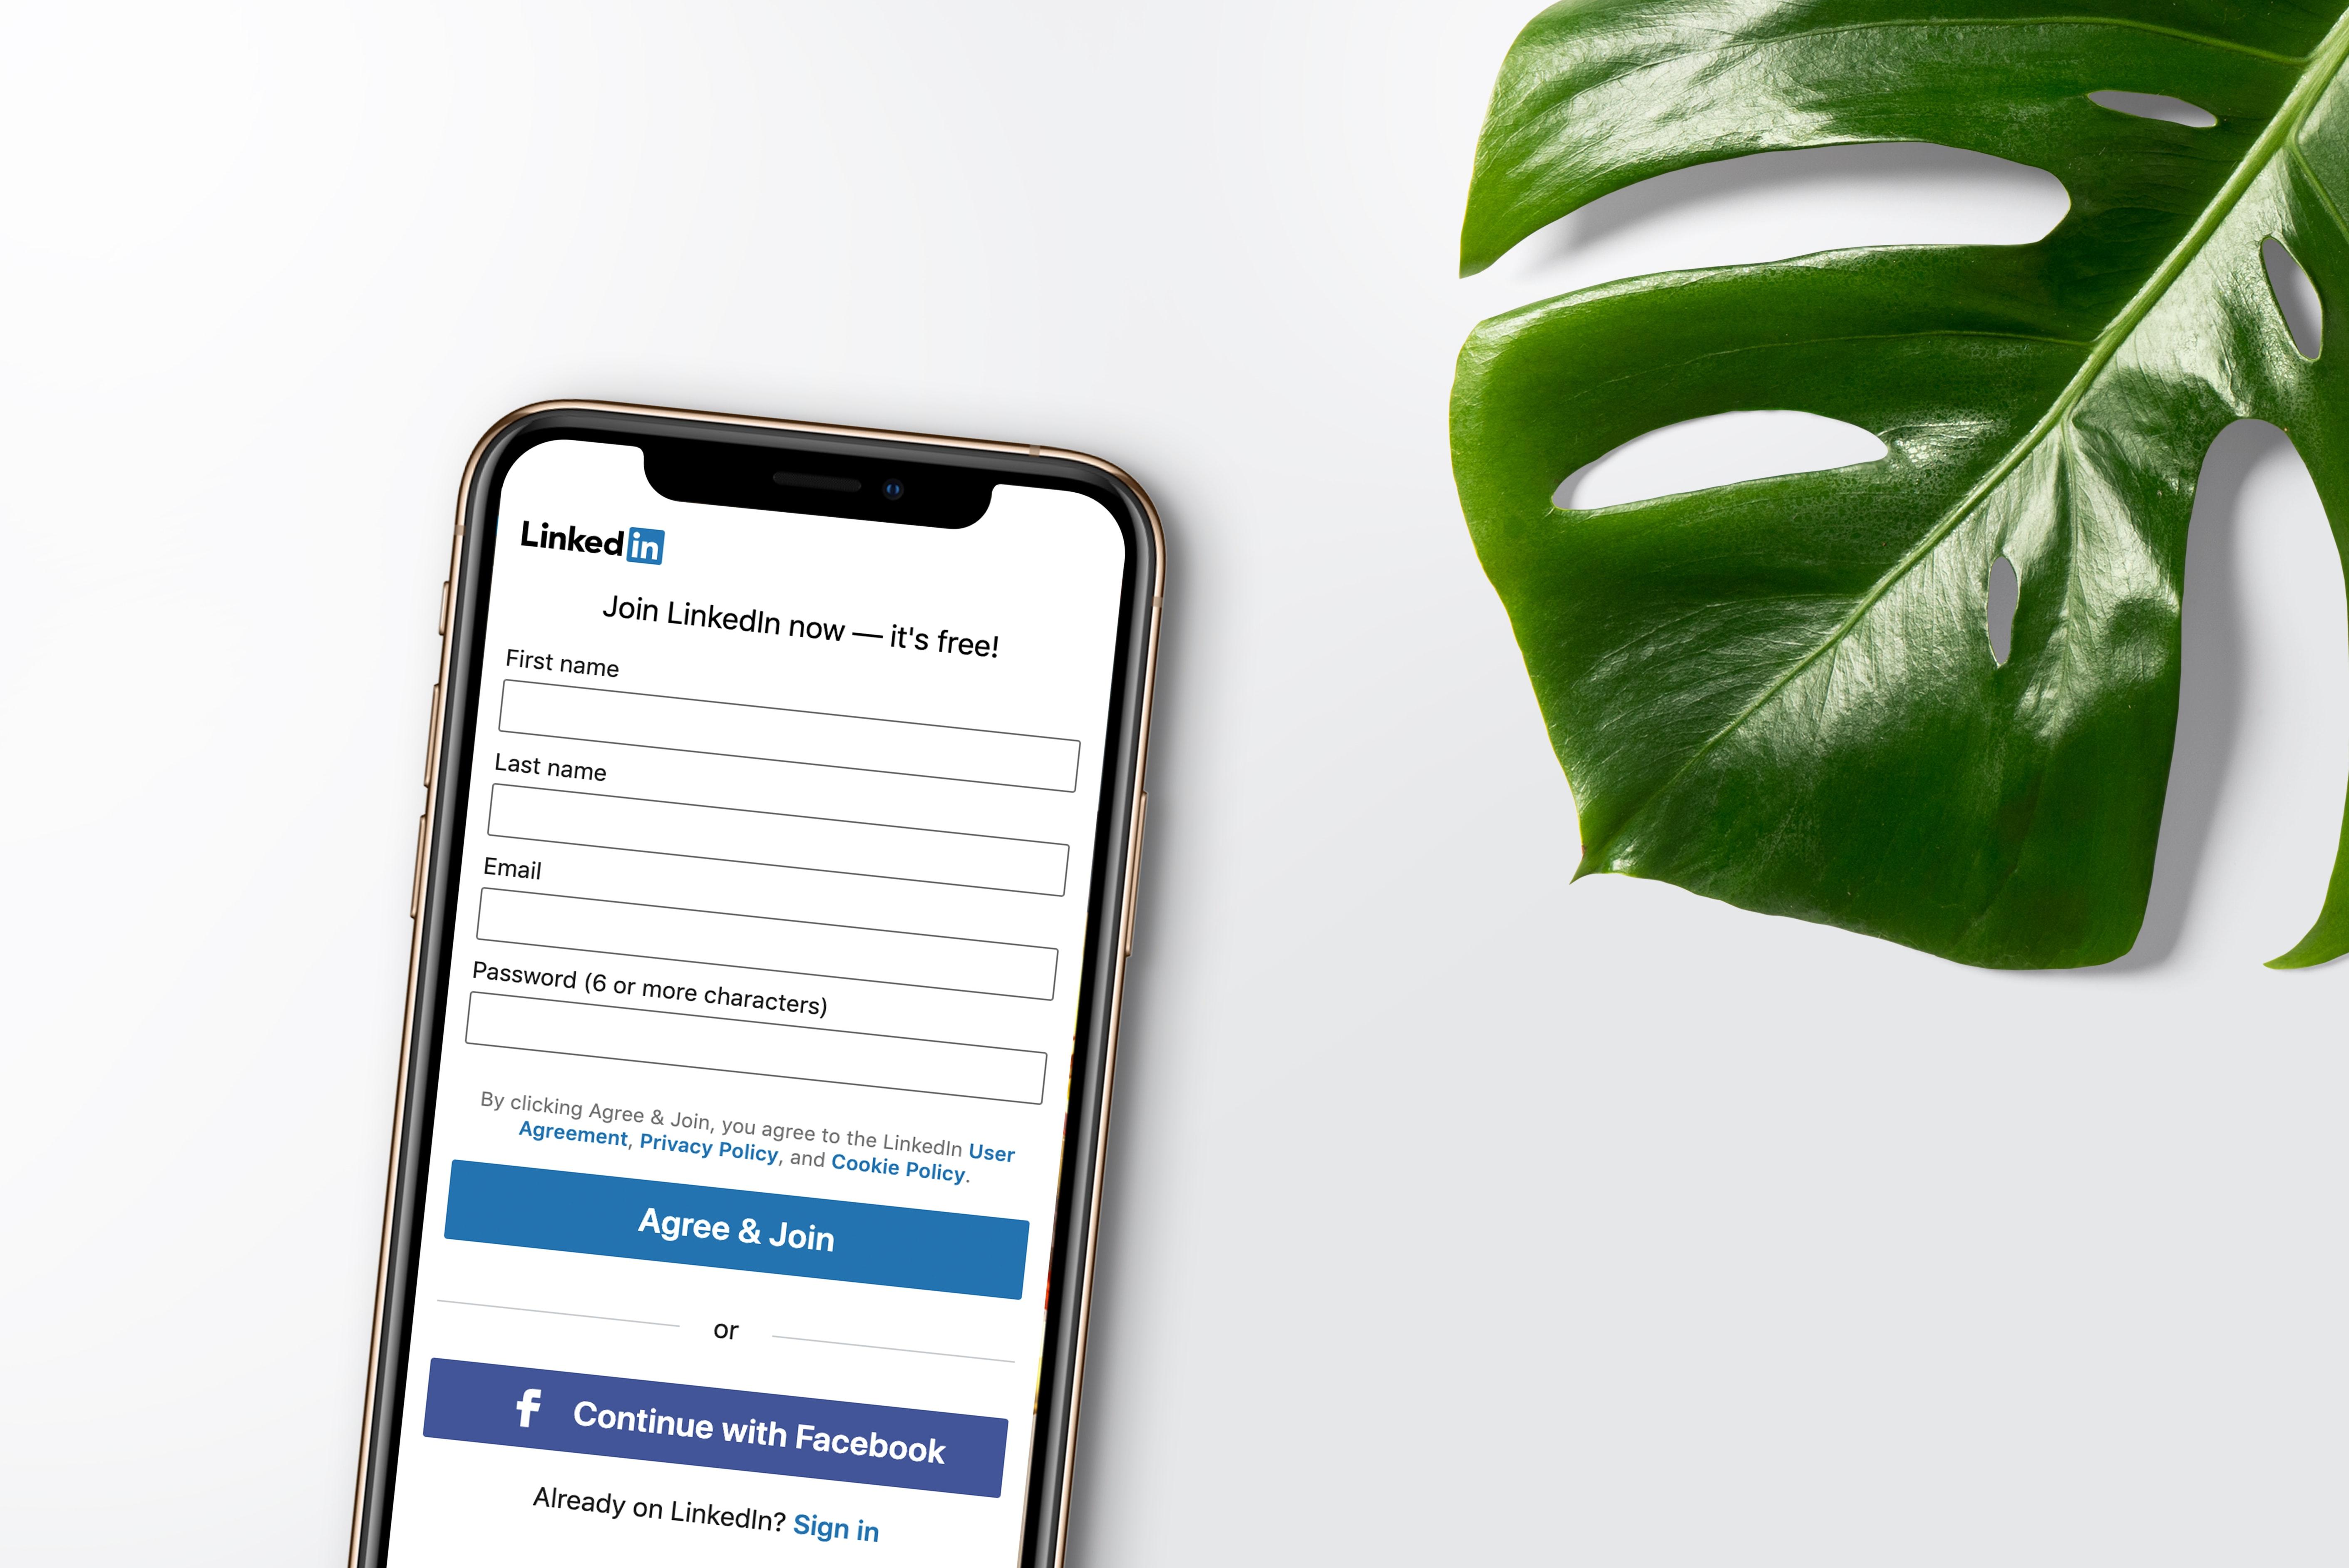 Kasvata yrityksen ja asiantuntijoiden näkyvyyttä LinkedInin avulla